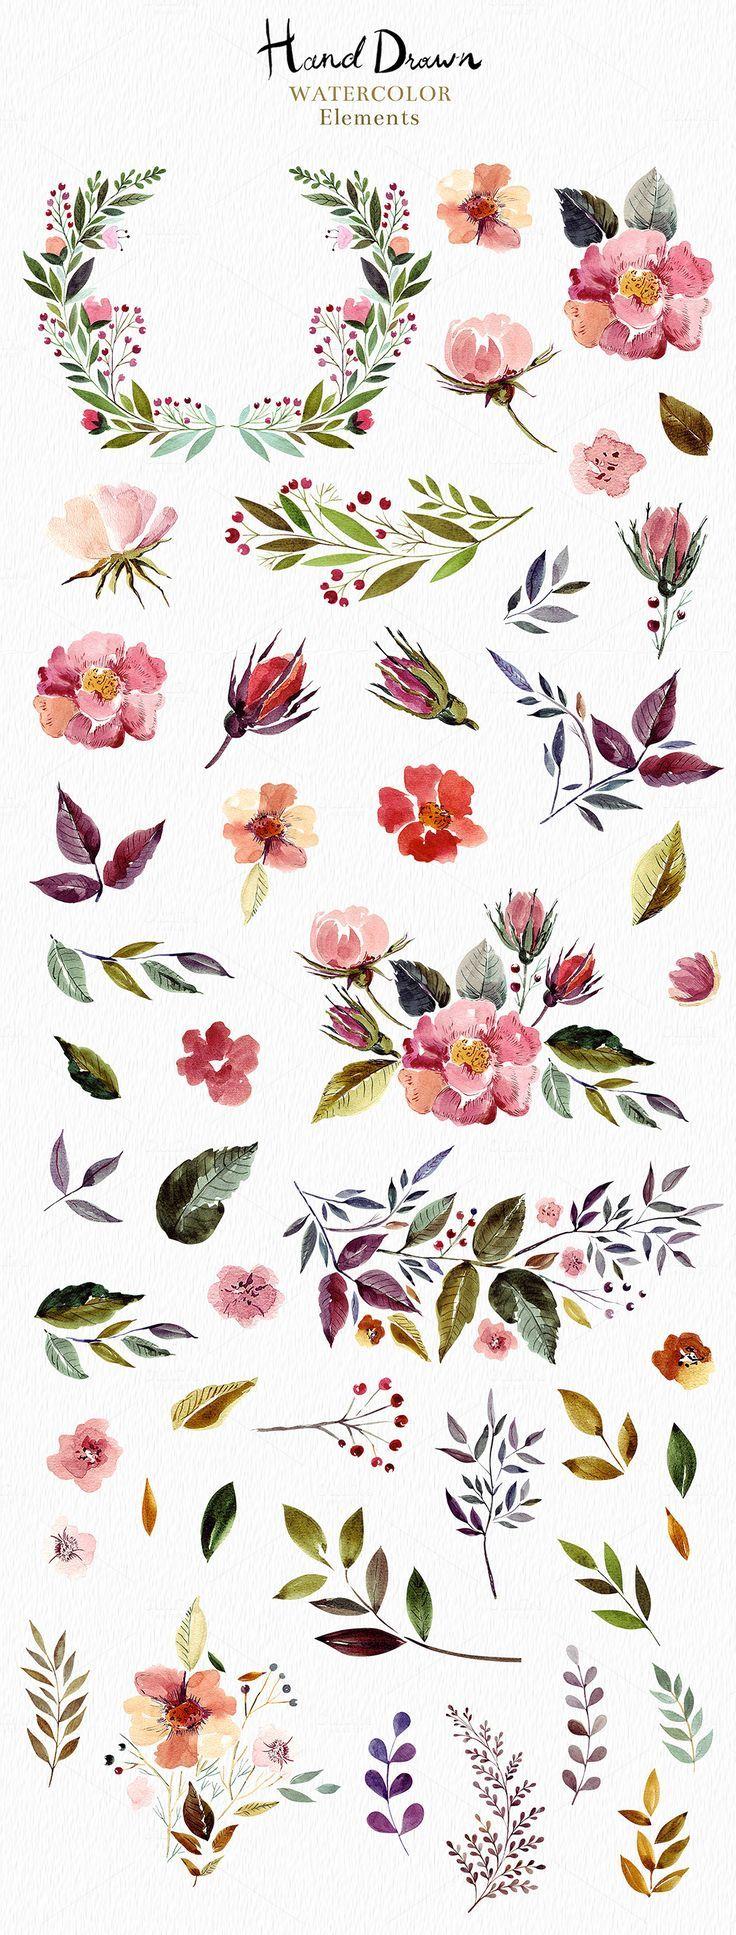 Big Watercolor Bundle by MoleskoStudio on Creative Market – Nina Berner